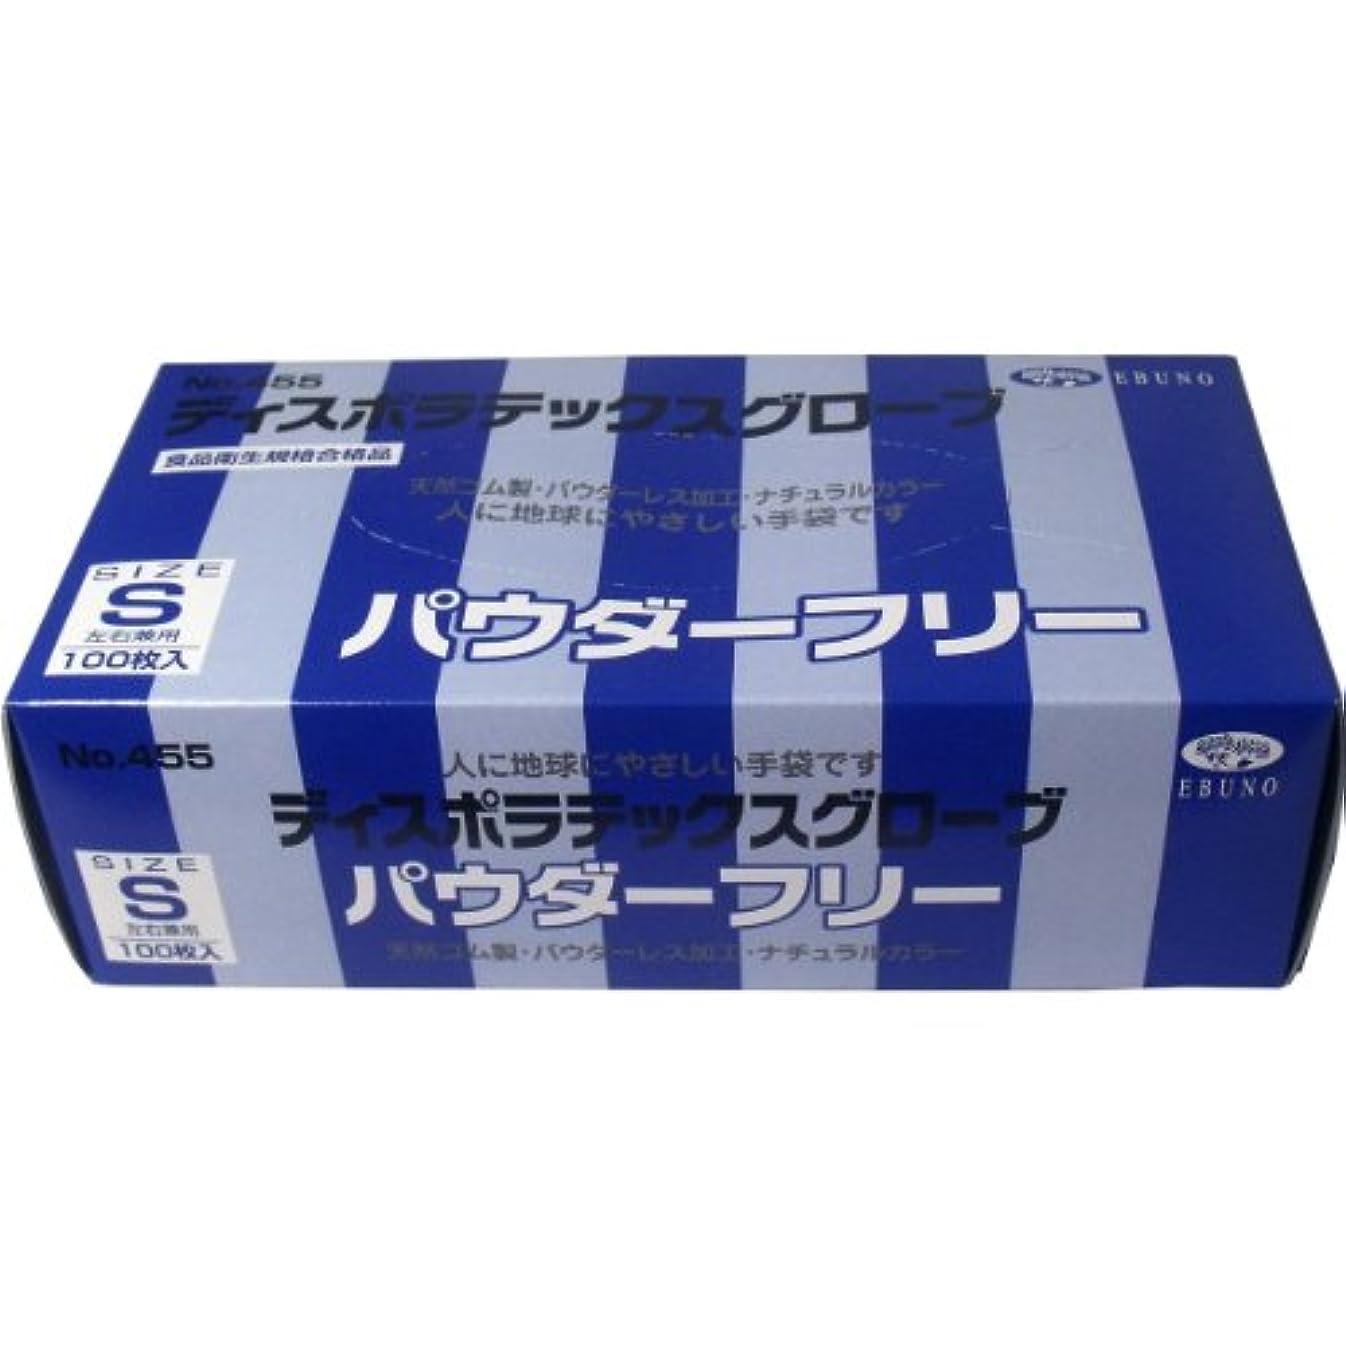 粒子エスニックピザディスポ ラテックスグローブ(天然ゴム手袋) パウダーフリー Sサイズ 100枚入 ×3個セット